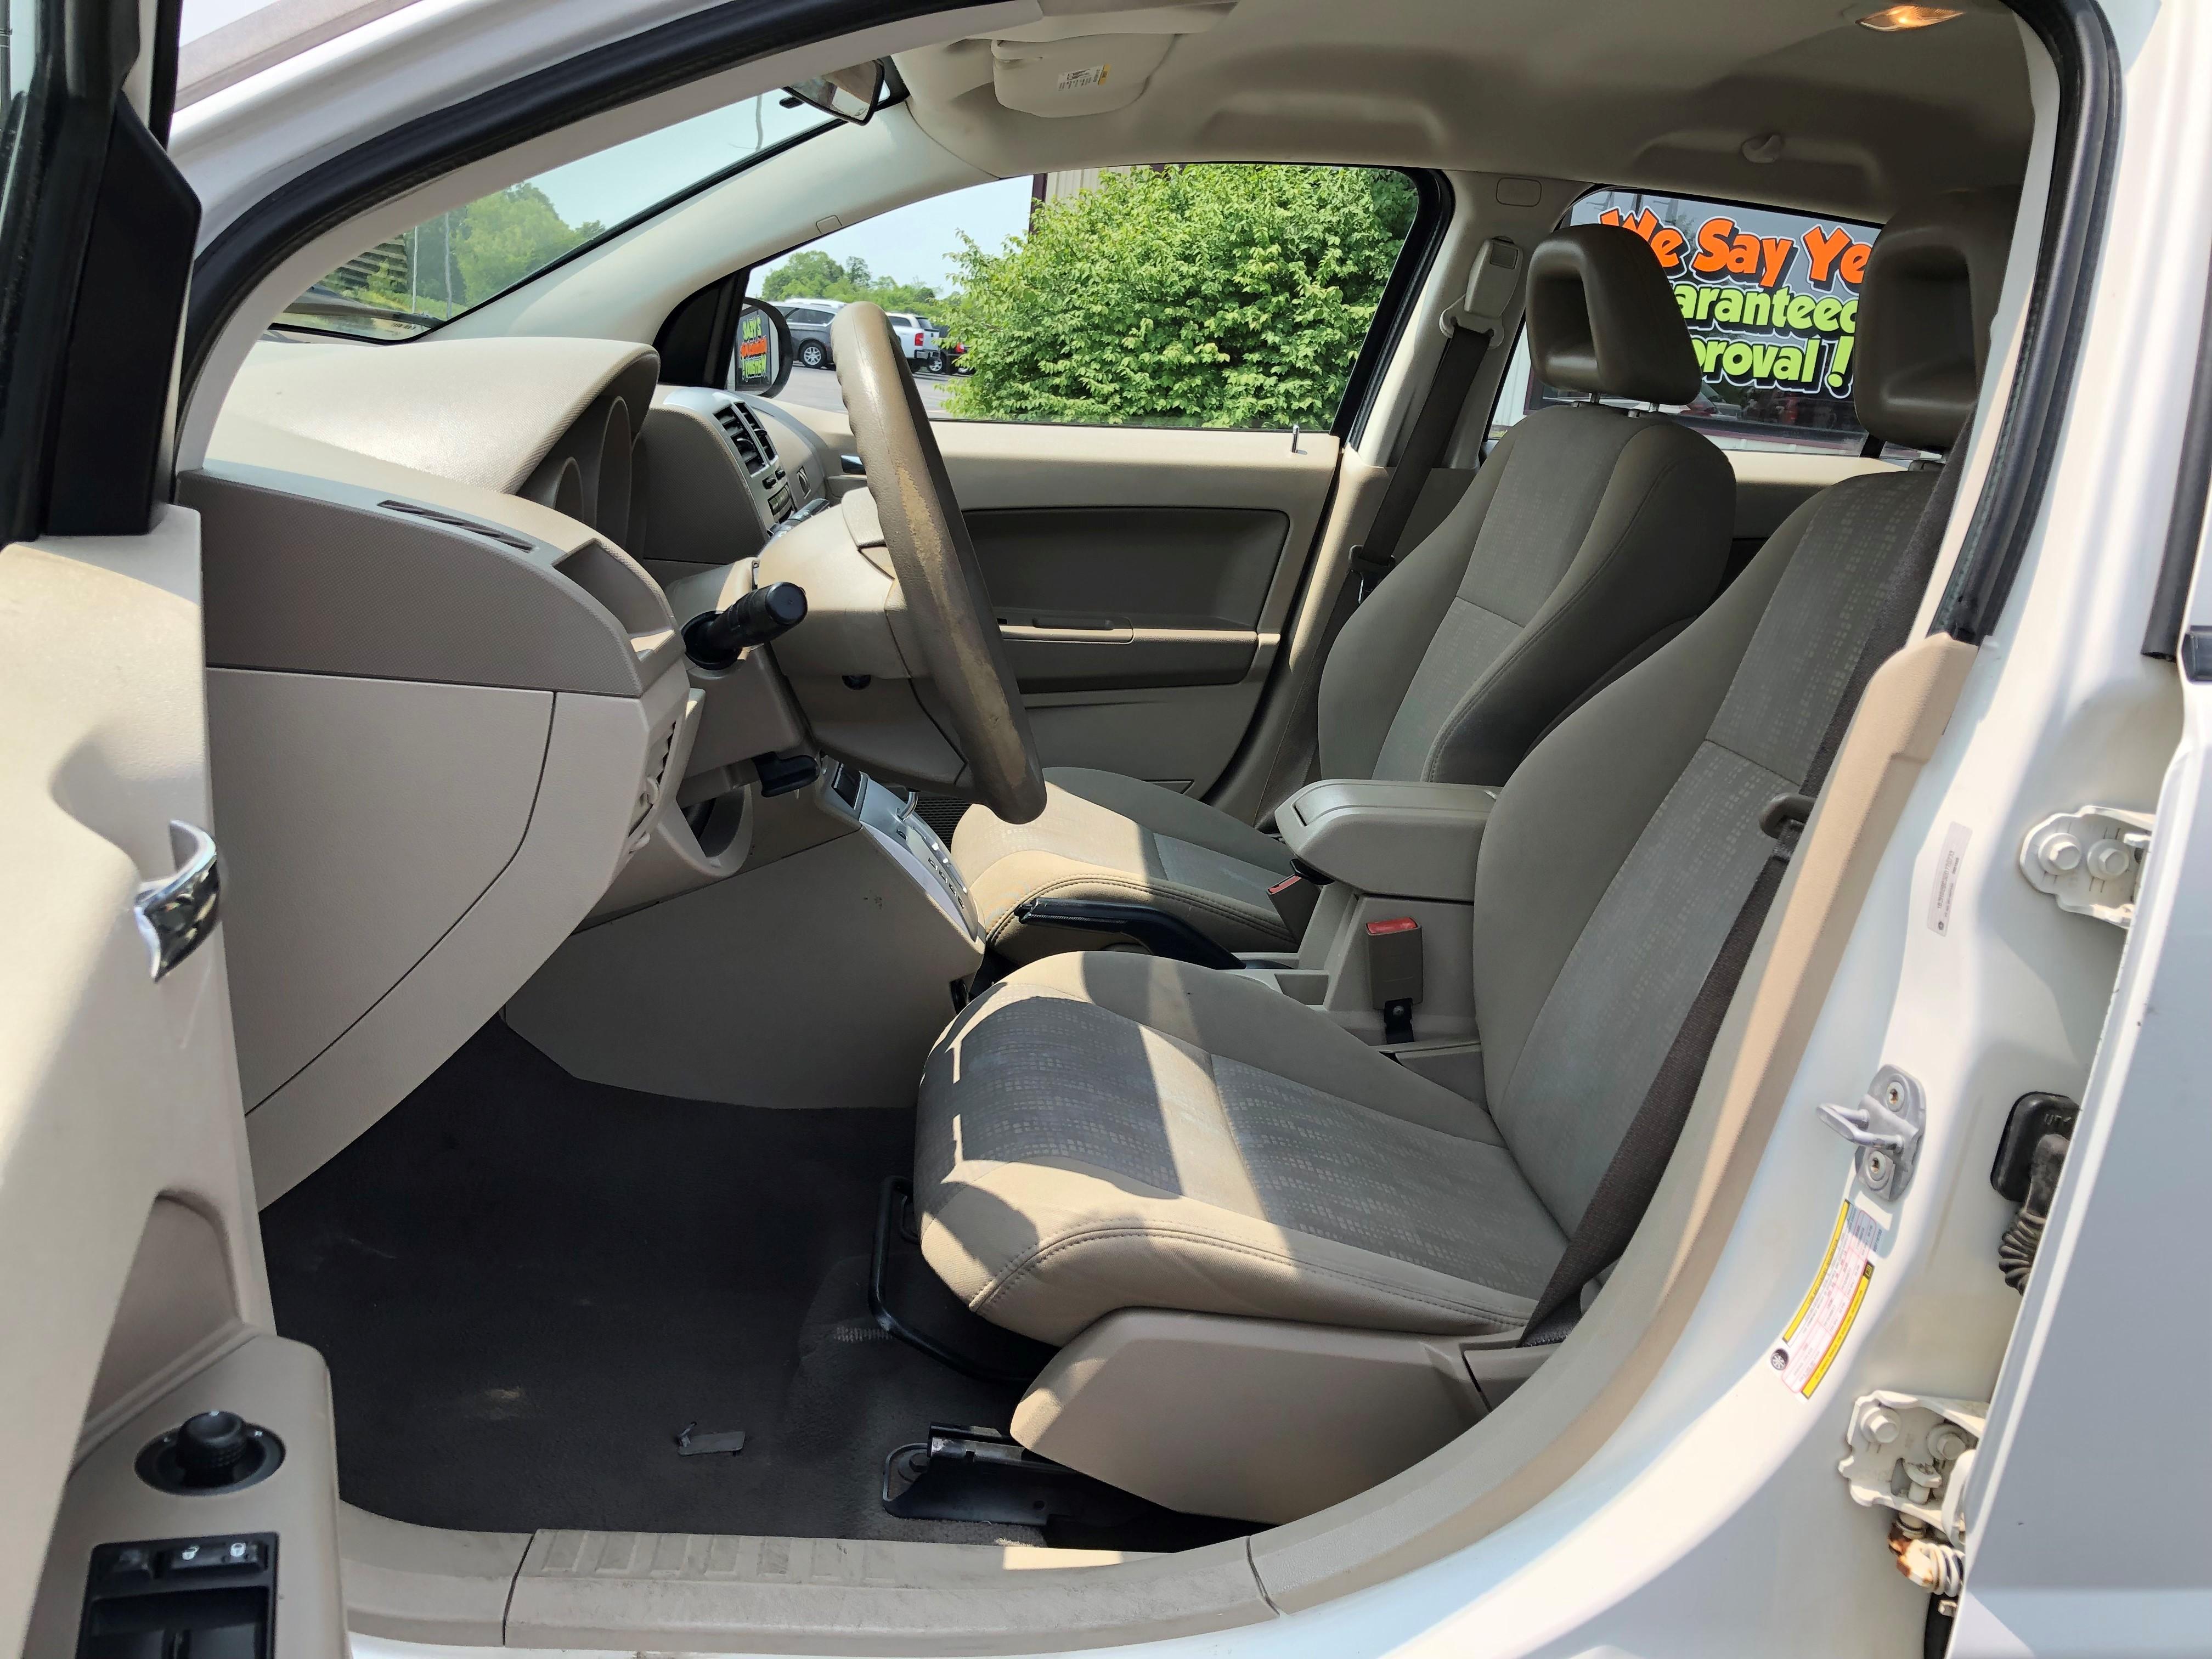 used vehicle - Sedan DODGE CALIBER 2008